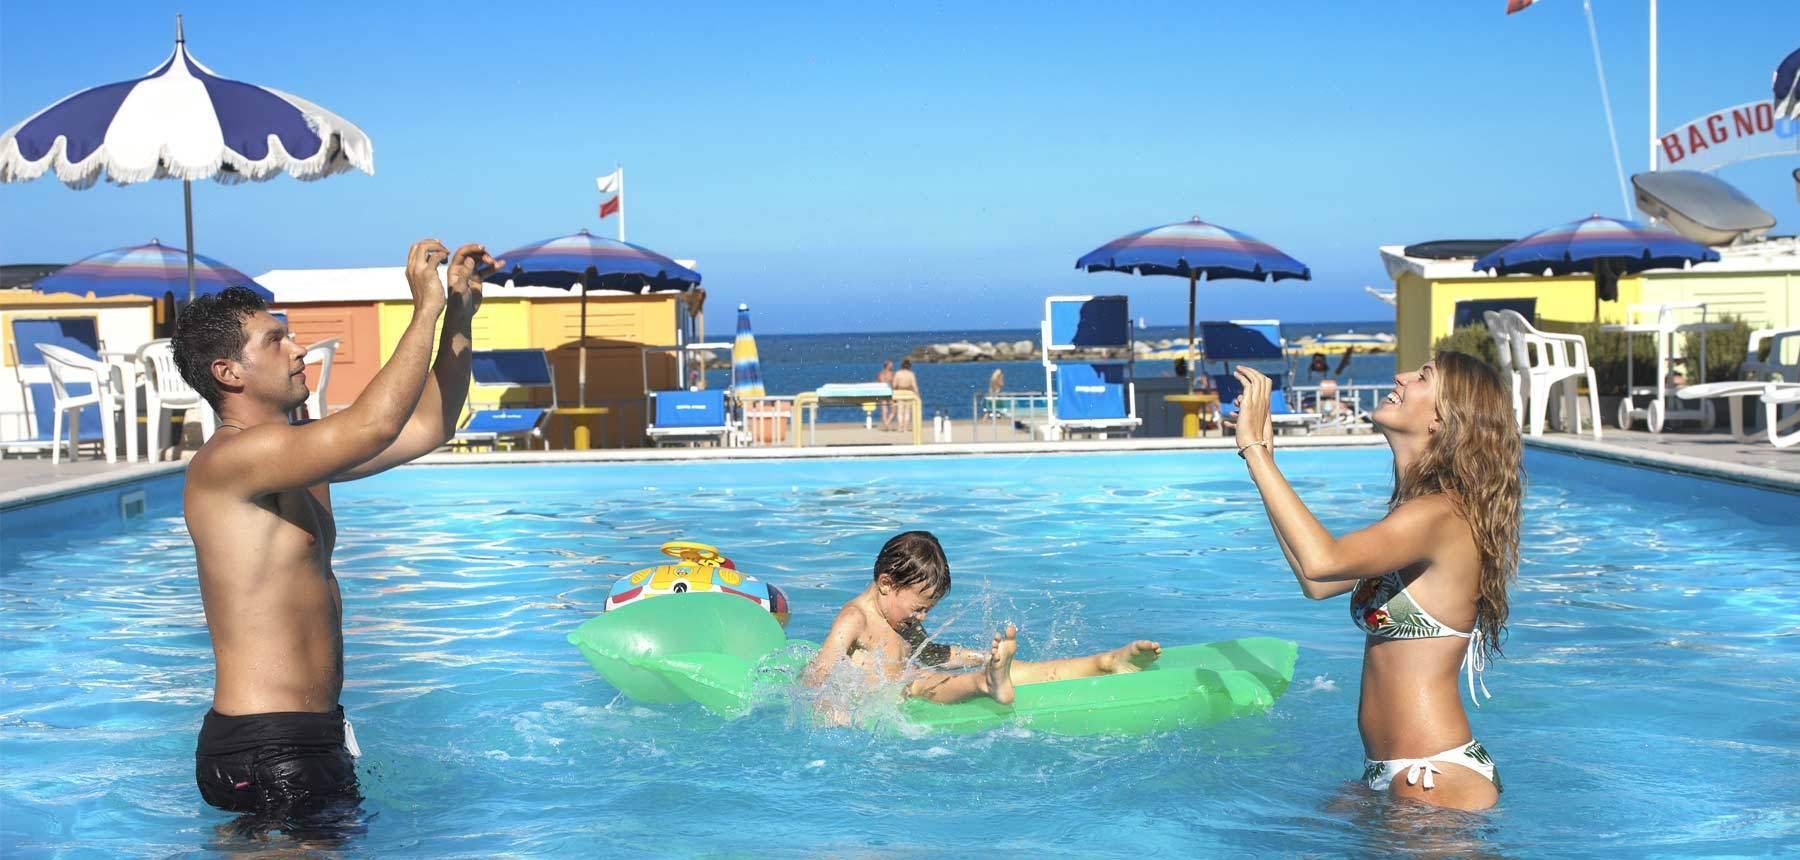 Hotel bellaria igea marina con piscina e istruttore di nuoto 3 stelle hotel italia - Hotel con piscina bellaria ...